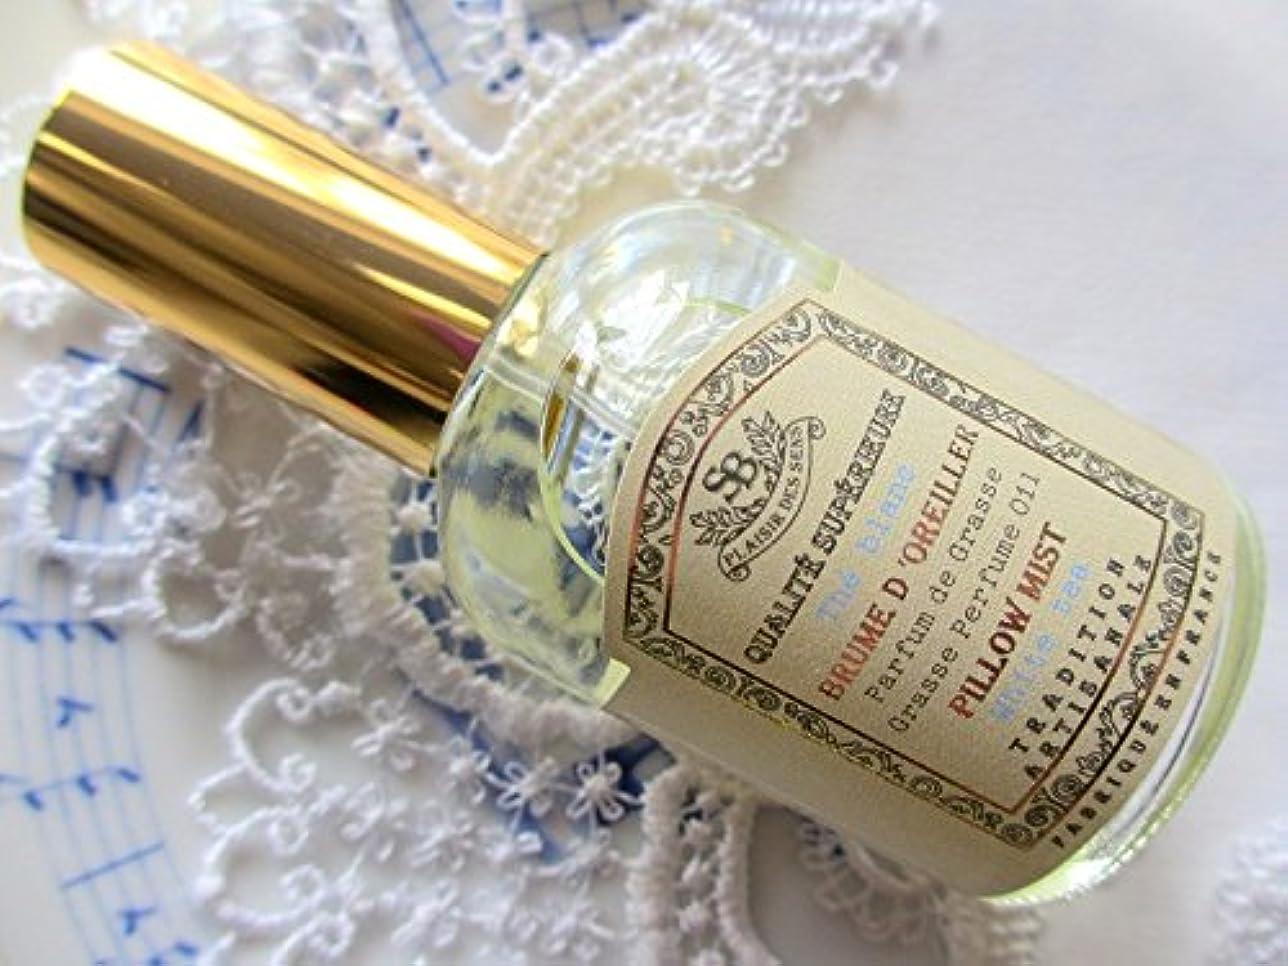 Senteur et Beaute(サンタールエボーテ) French classic(フレンチクラシックシリーズ) ピローミスト 50ml 「ホワイトティー」 4994228024350